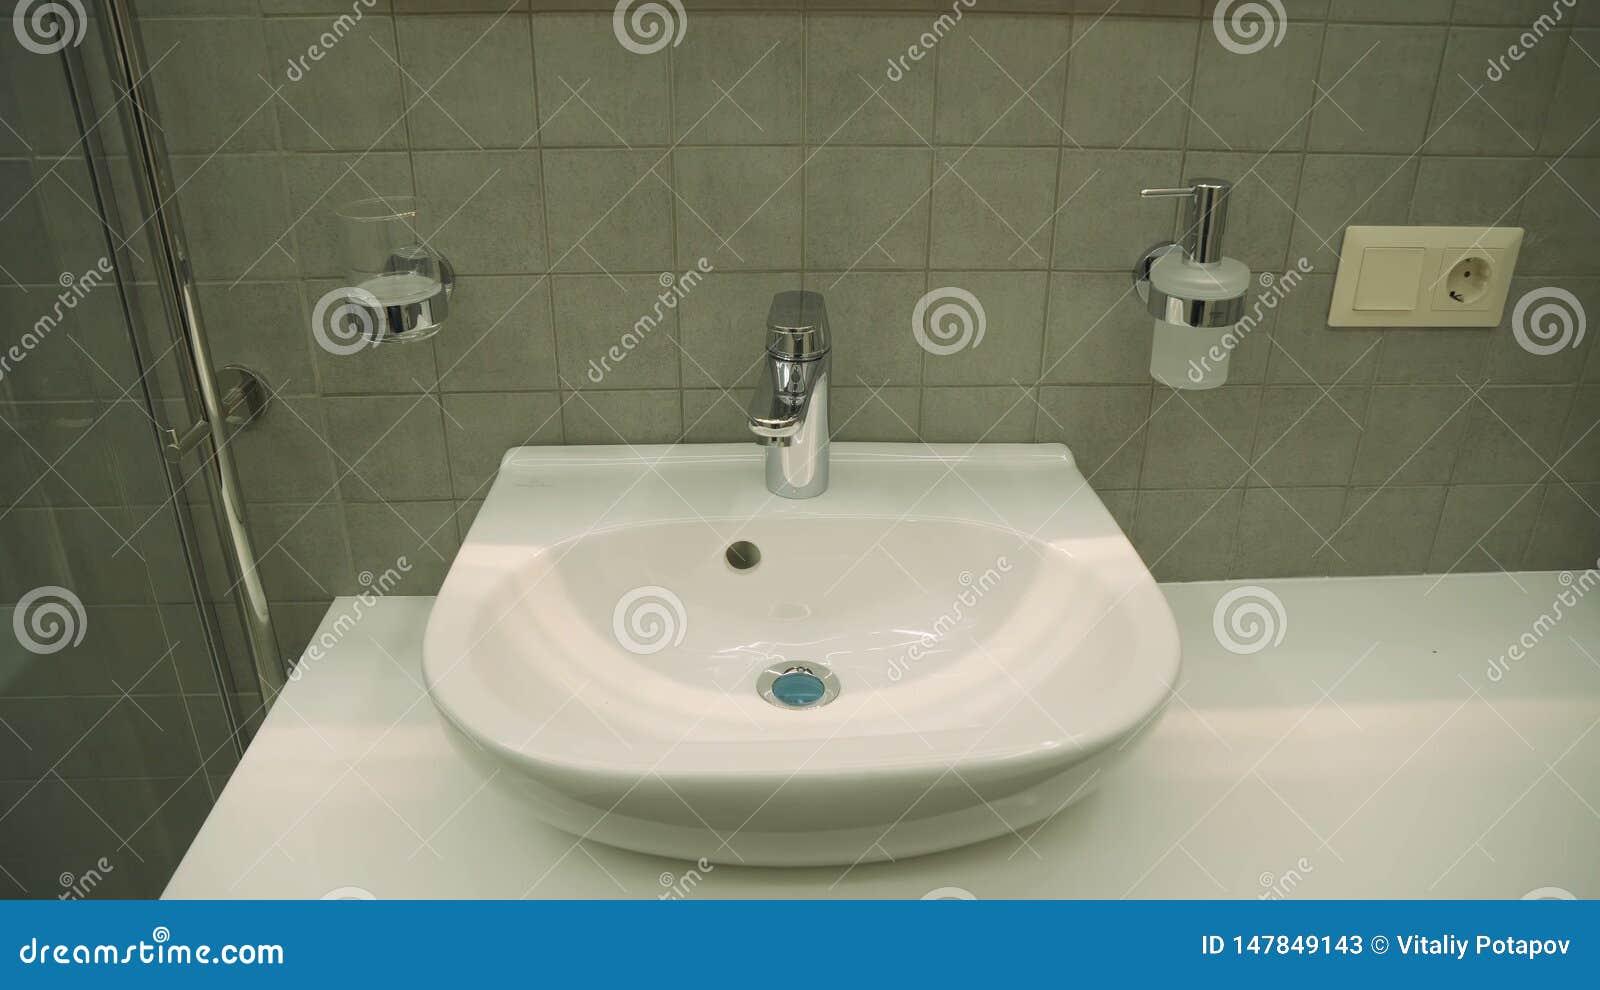 Керамический washbasin с горячим и холодным faucet в bathroom роскошного отеля